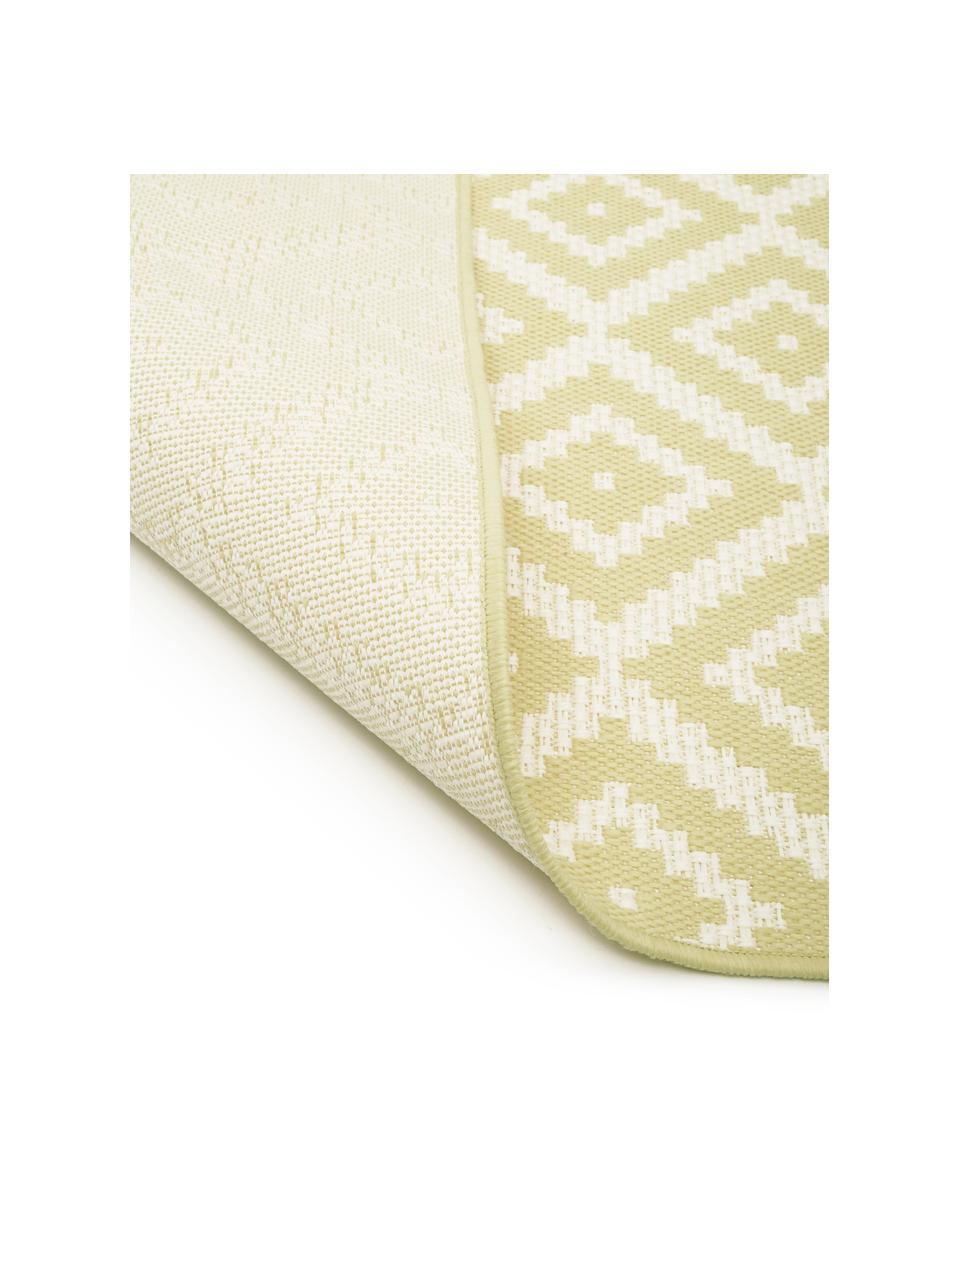 Gemusterter In- & Outdoor-Läufer Miami in Gelb/Weiß, 86% Polypropylen, 14% Polyester, Weiß, Gelb, 80 x 250 cm